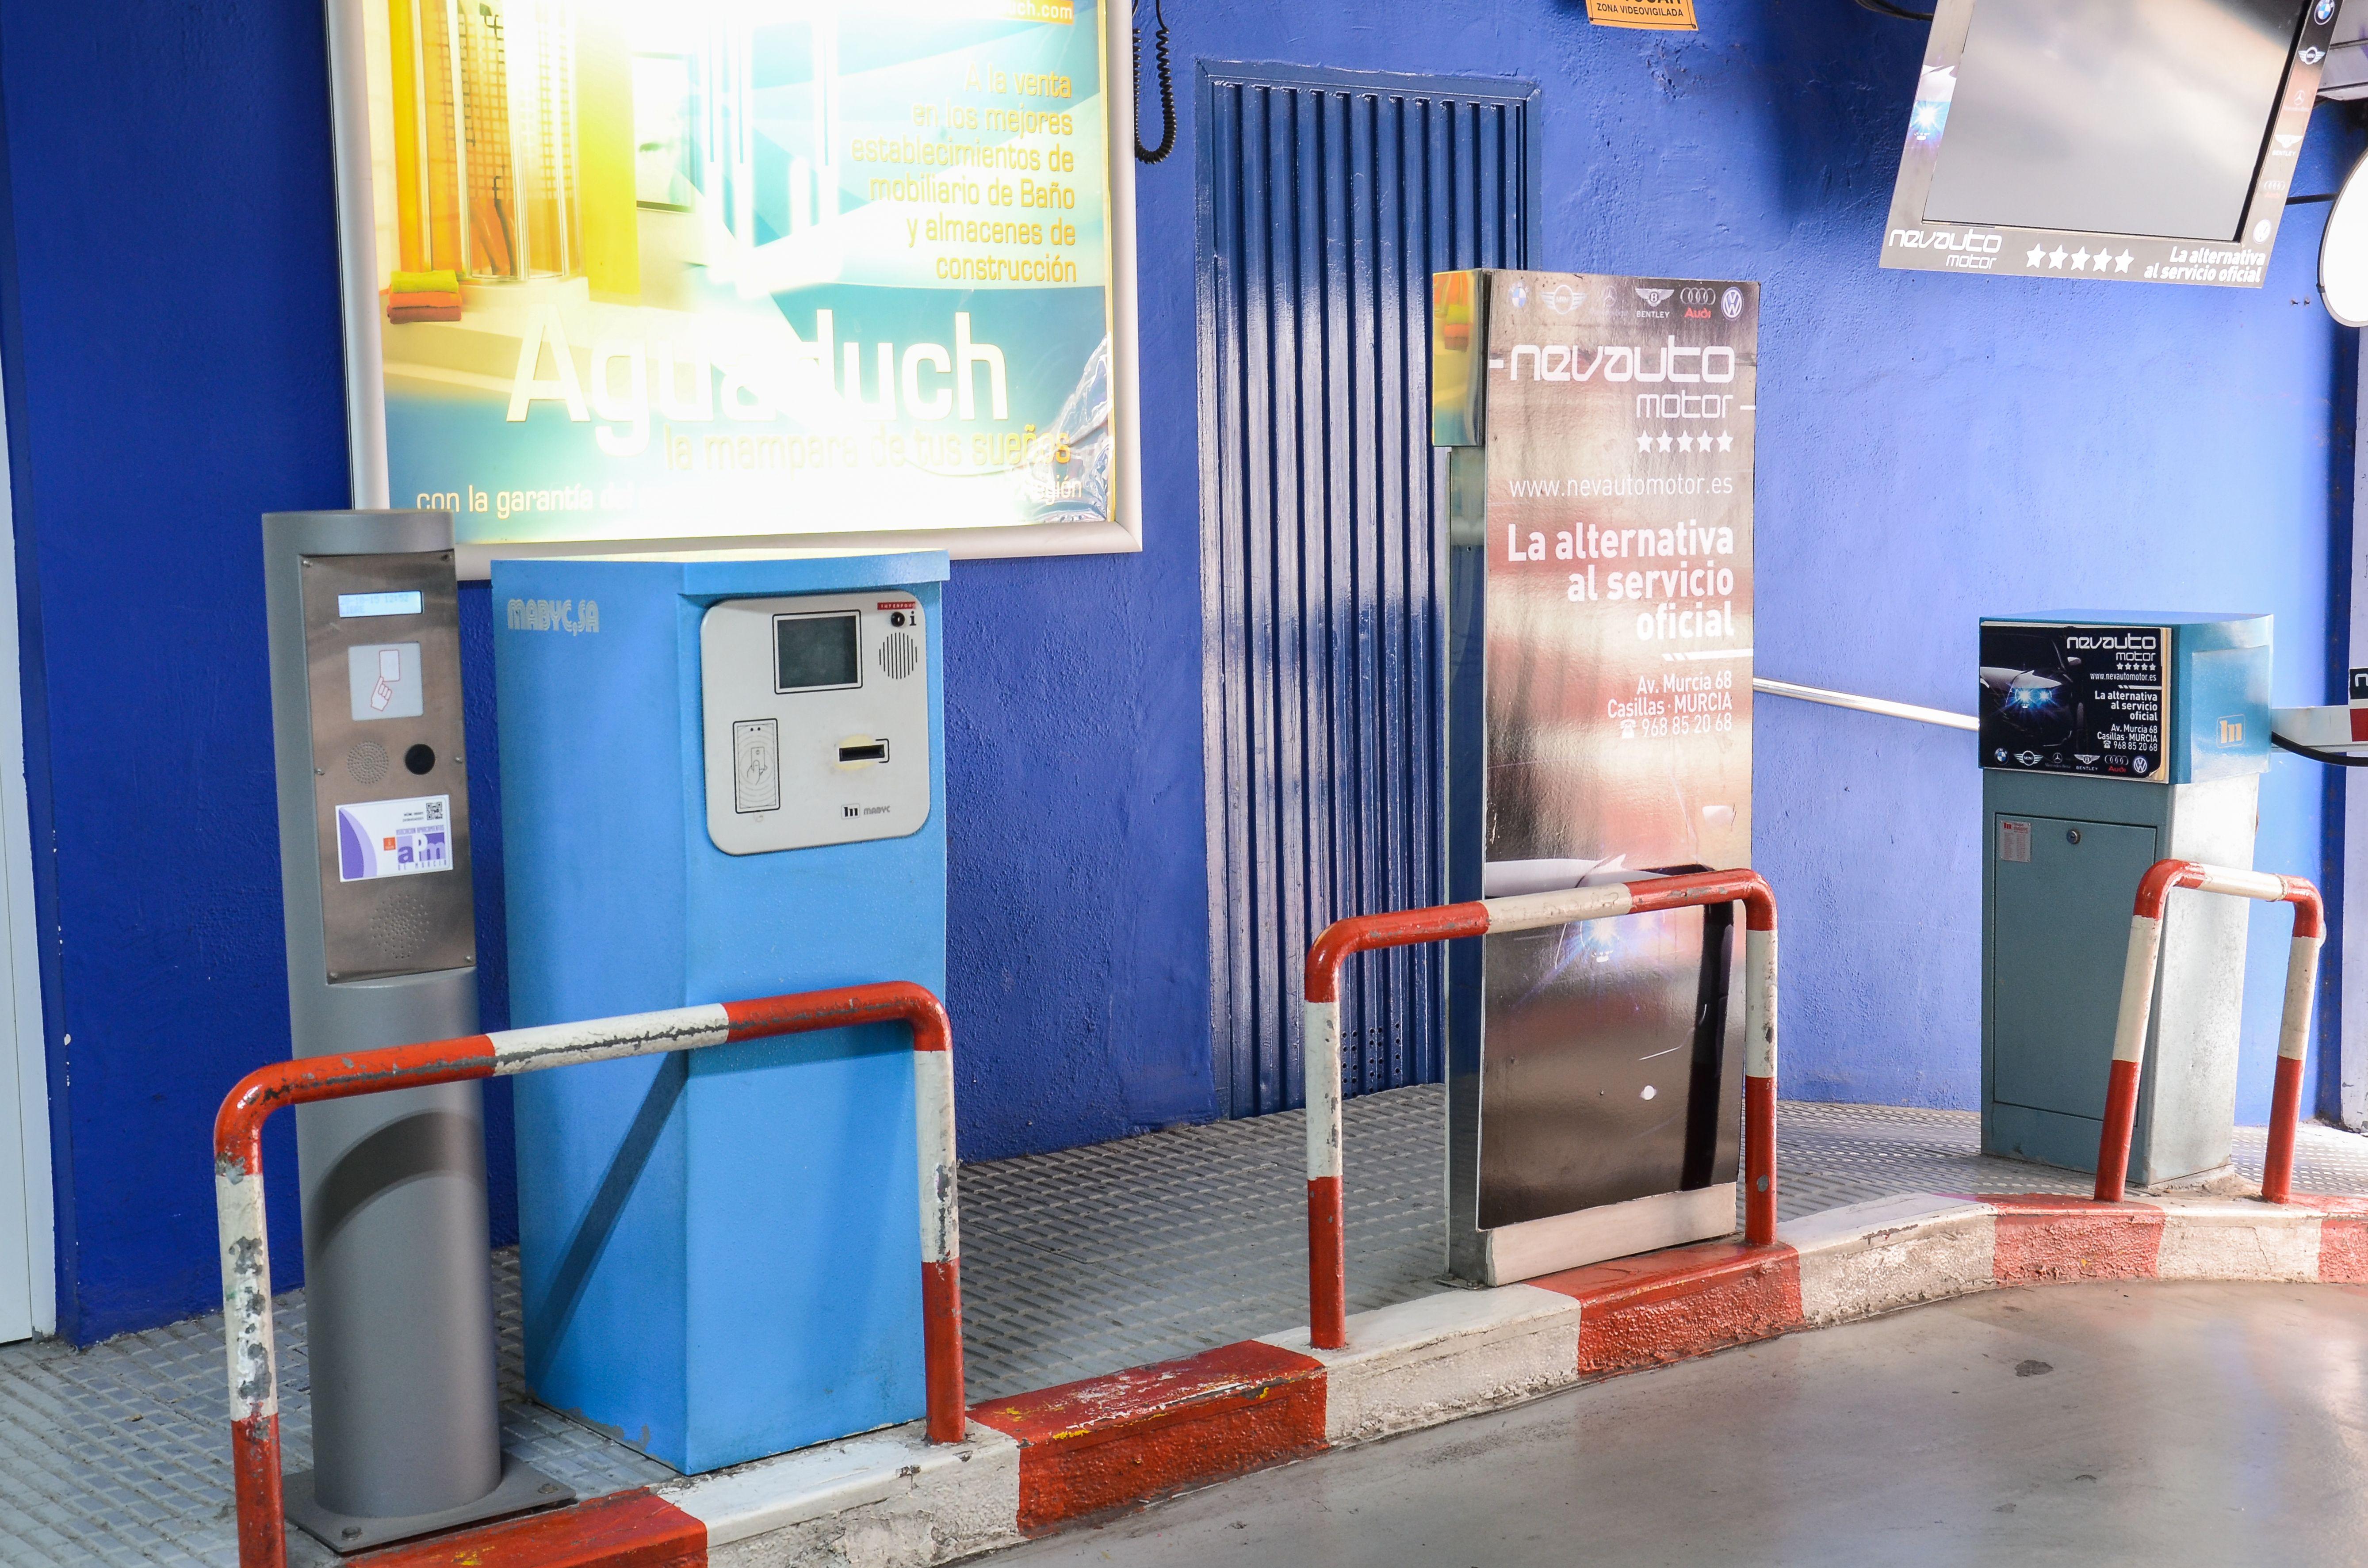 Foto 2 de Aparcamientos en Murcia   Aparcamiento Vibel